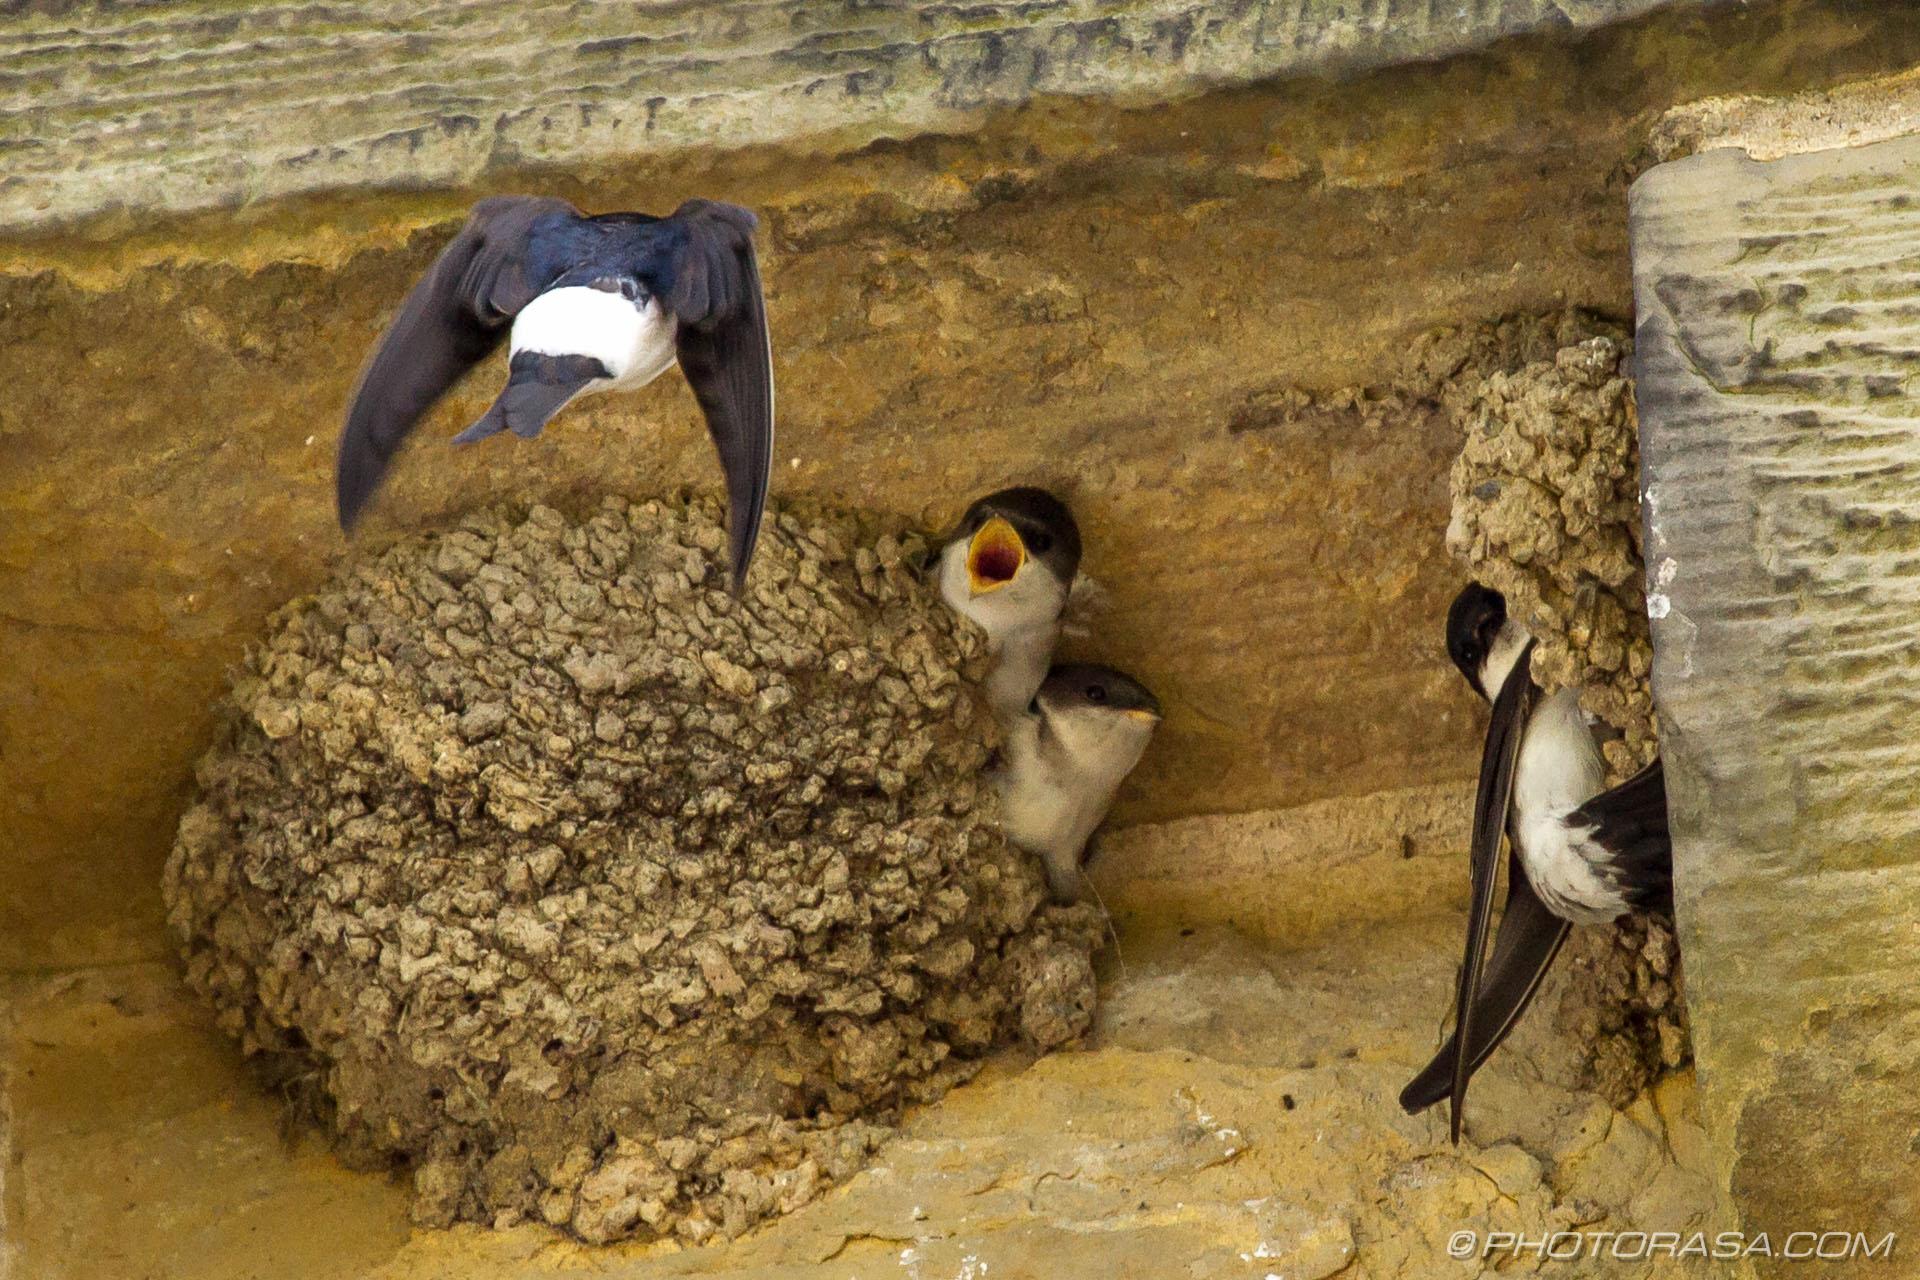 http://photorasa.com/family-house-martins-nesting/mum-bringing-home-some-food/